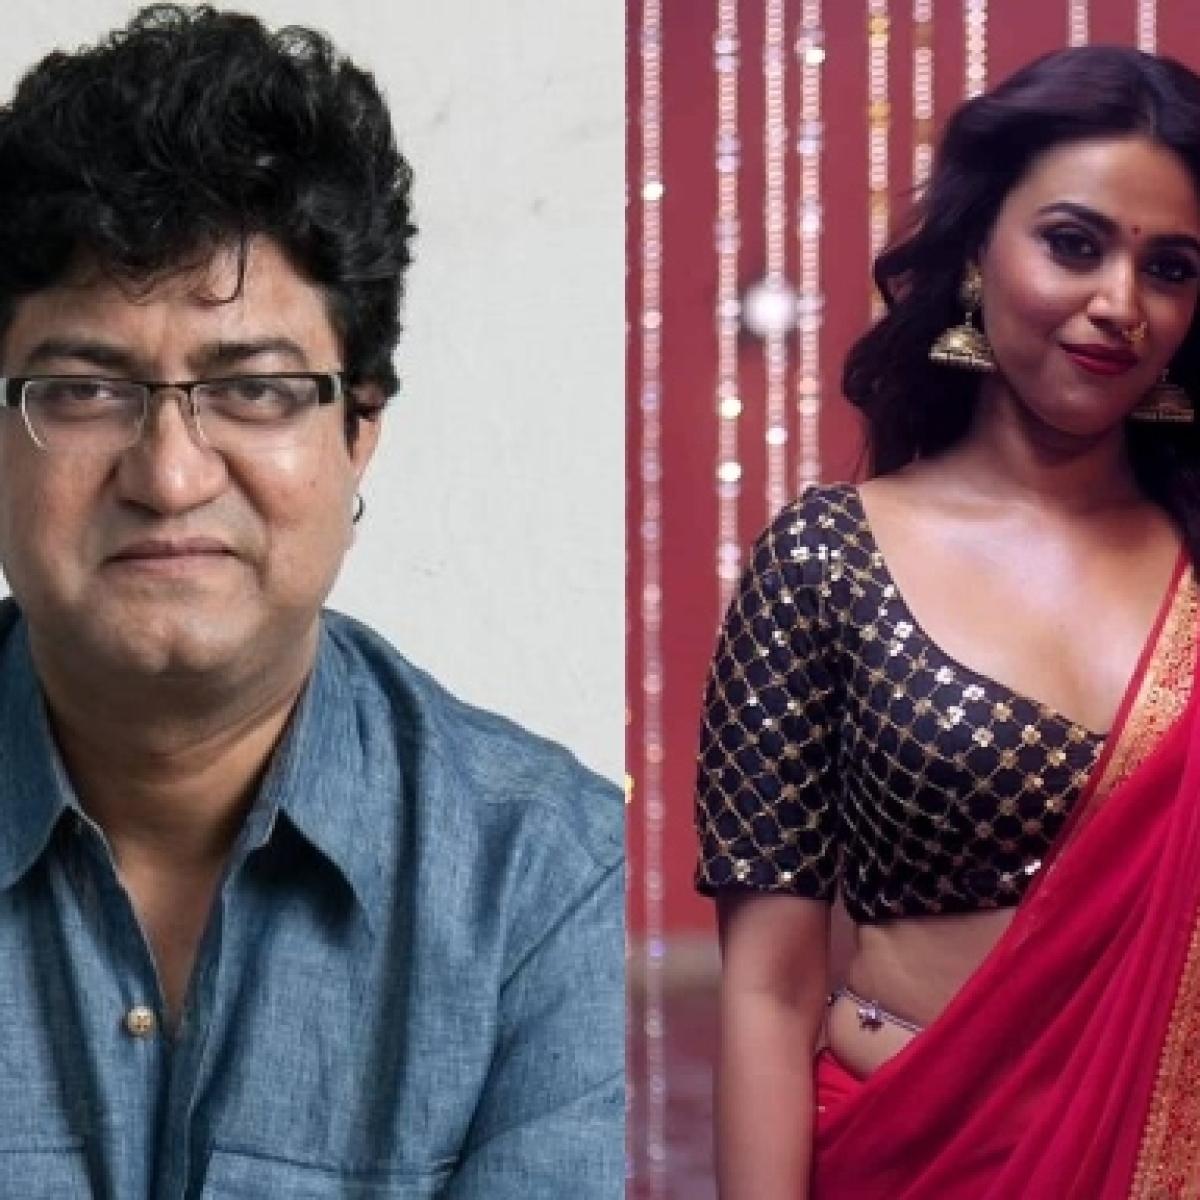 Prasoon Joshi 'saddened' by Swara Bhasker's 'Rasbhari' web-series,  calls out the 'irresponsible content'